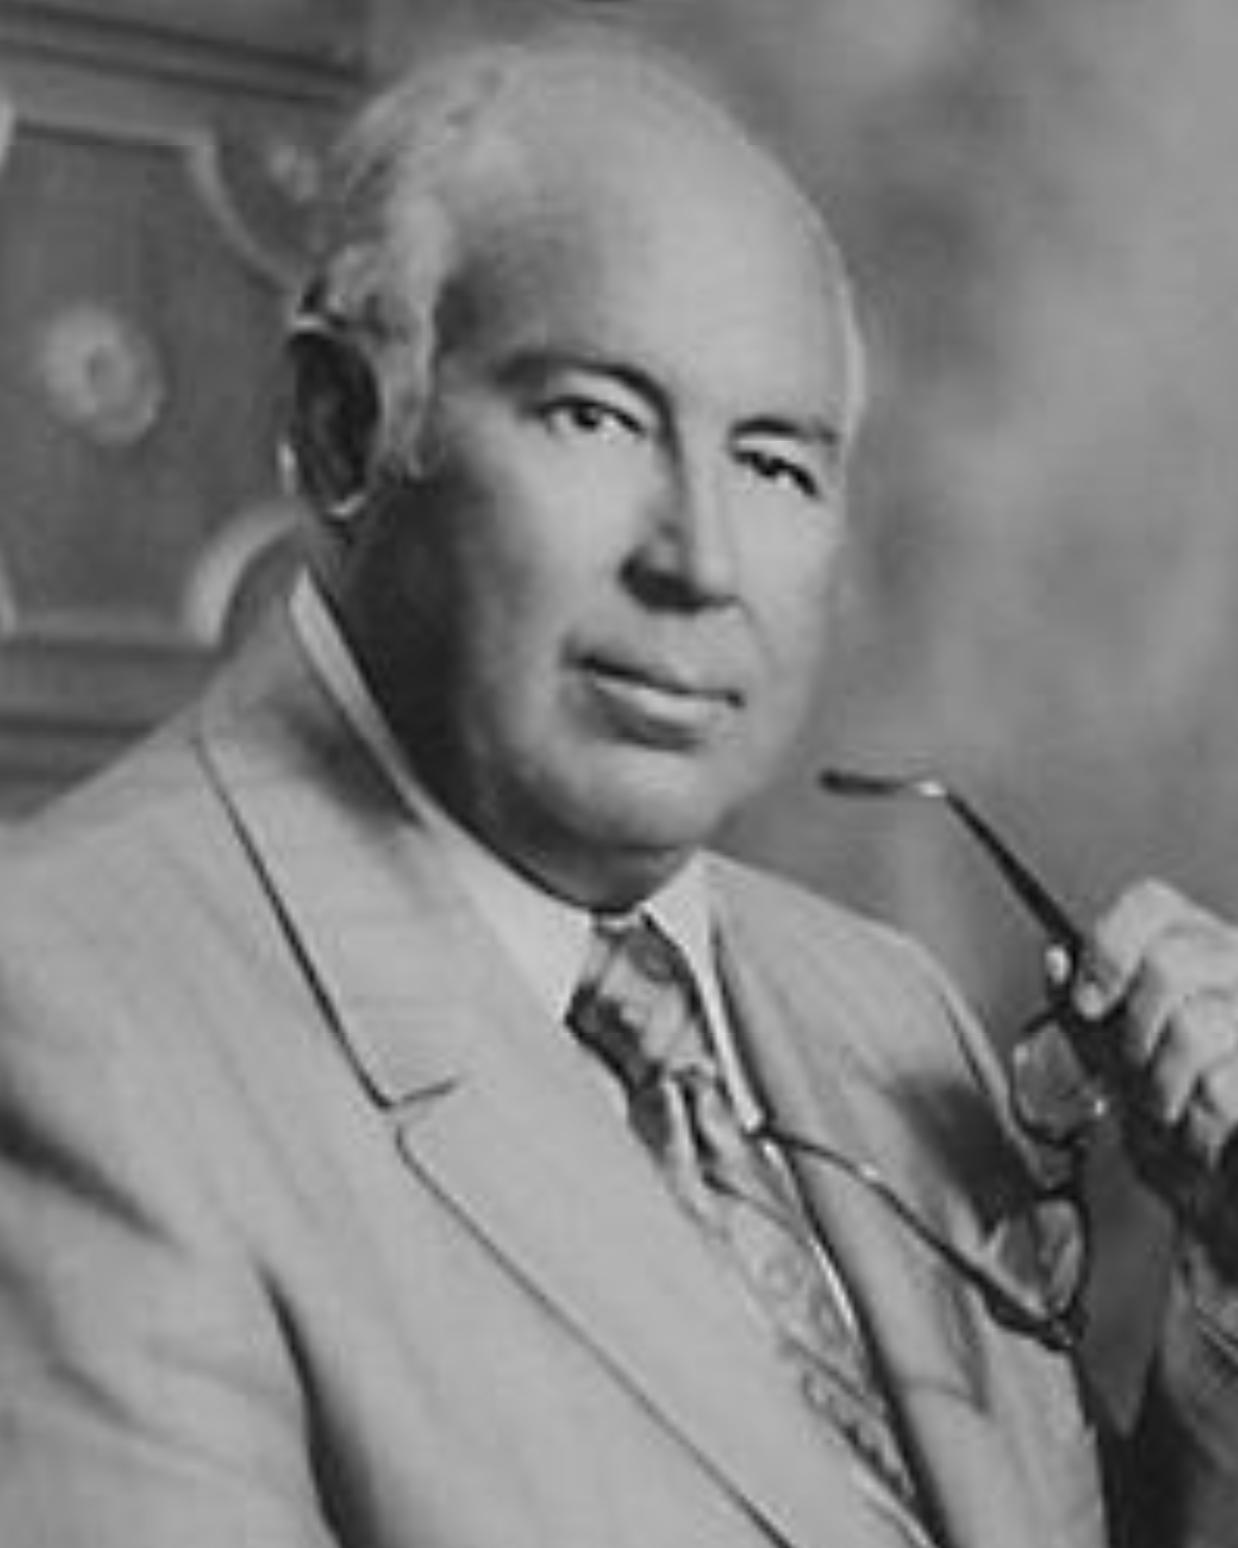 W. R. MURFIN